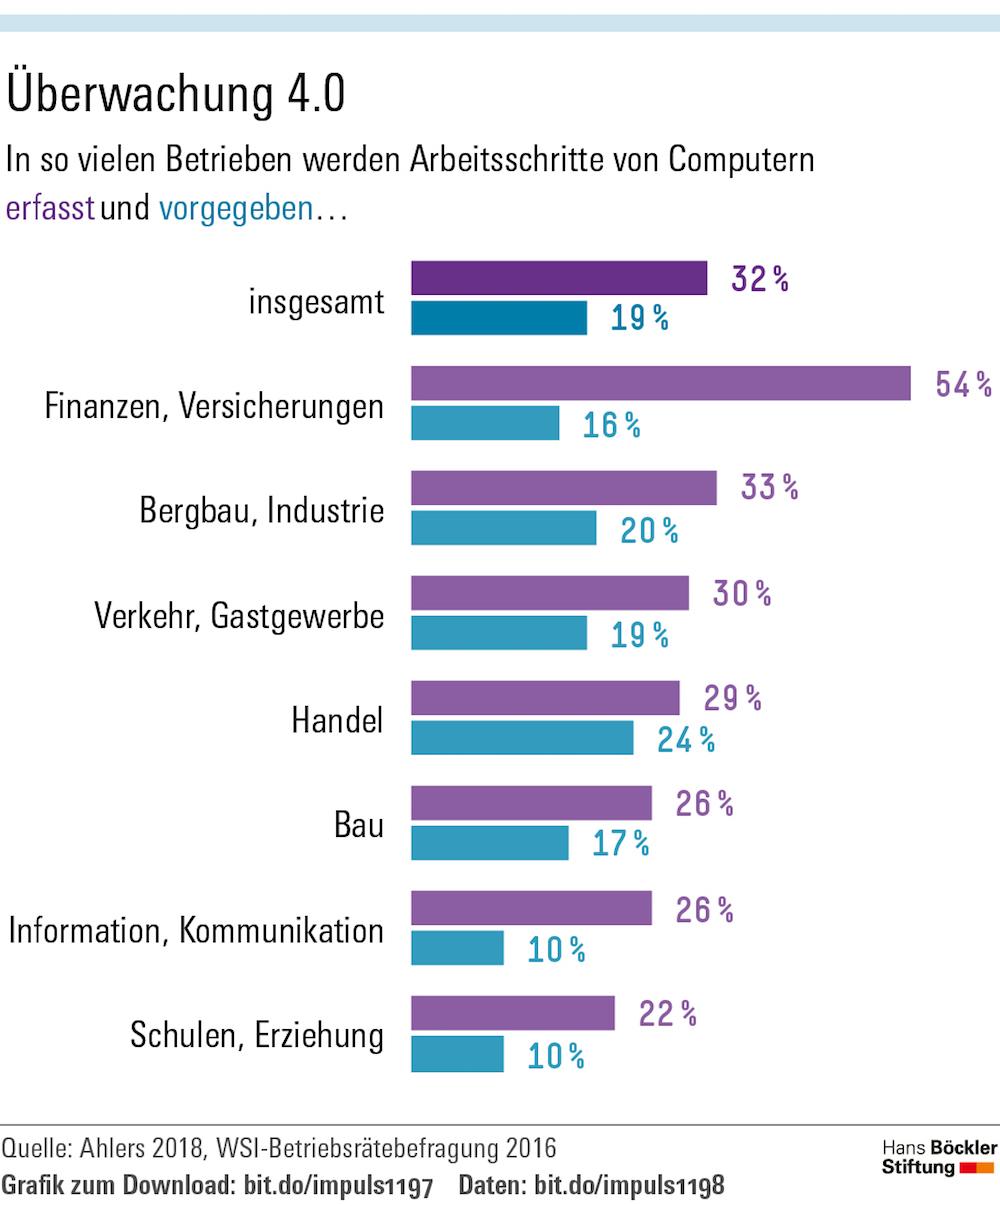 Infografik 3, Überwachung 4.0 (Quelle: Hans-Böckler-Stiftung)